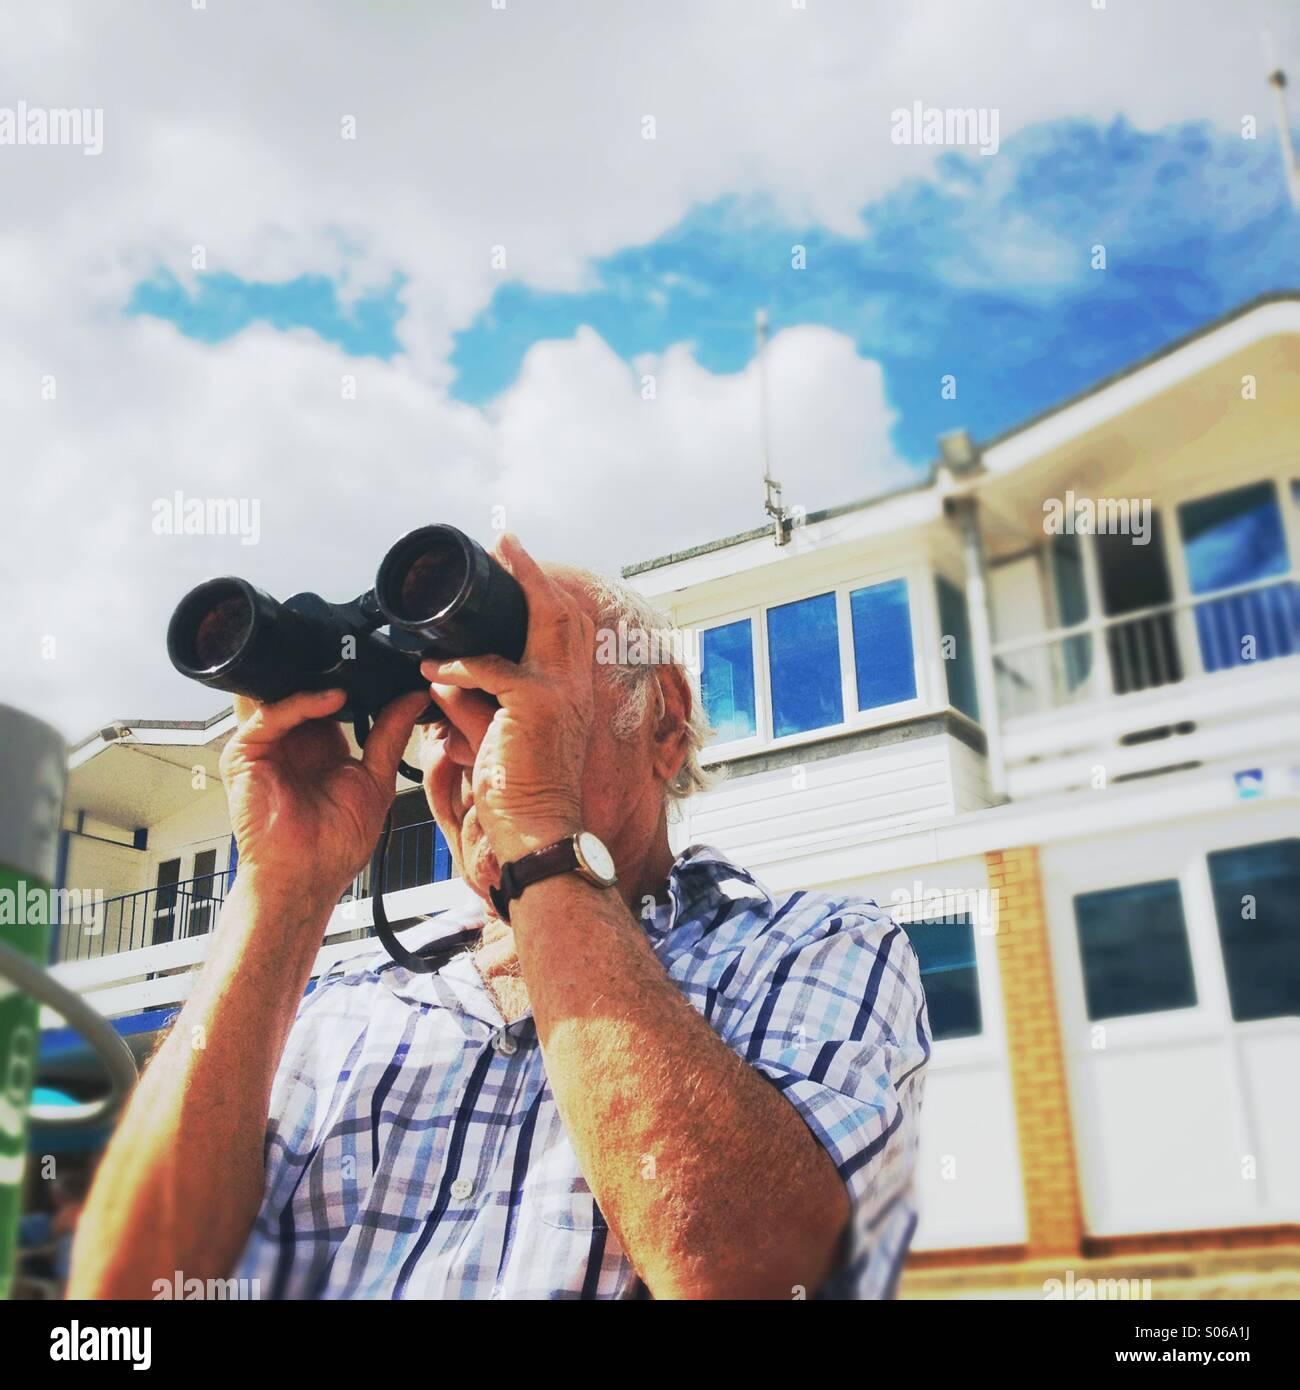 Mer, jumelles, passe-temps, de la mer, l'observation, à la recherche, gentleman, personnes âgées, Photo Stock